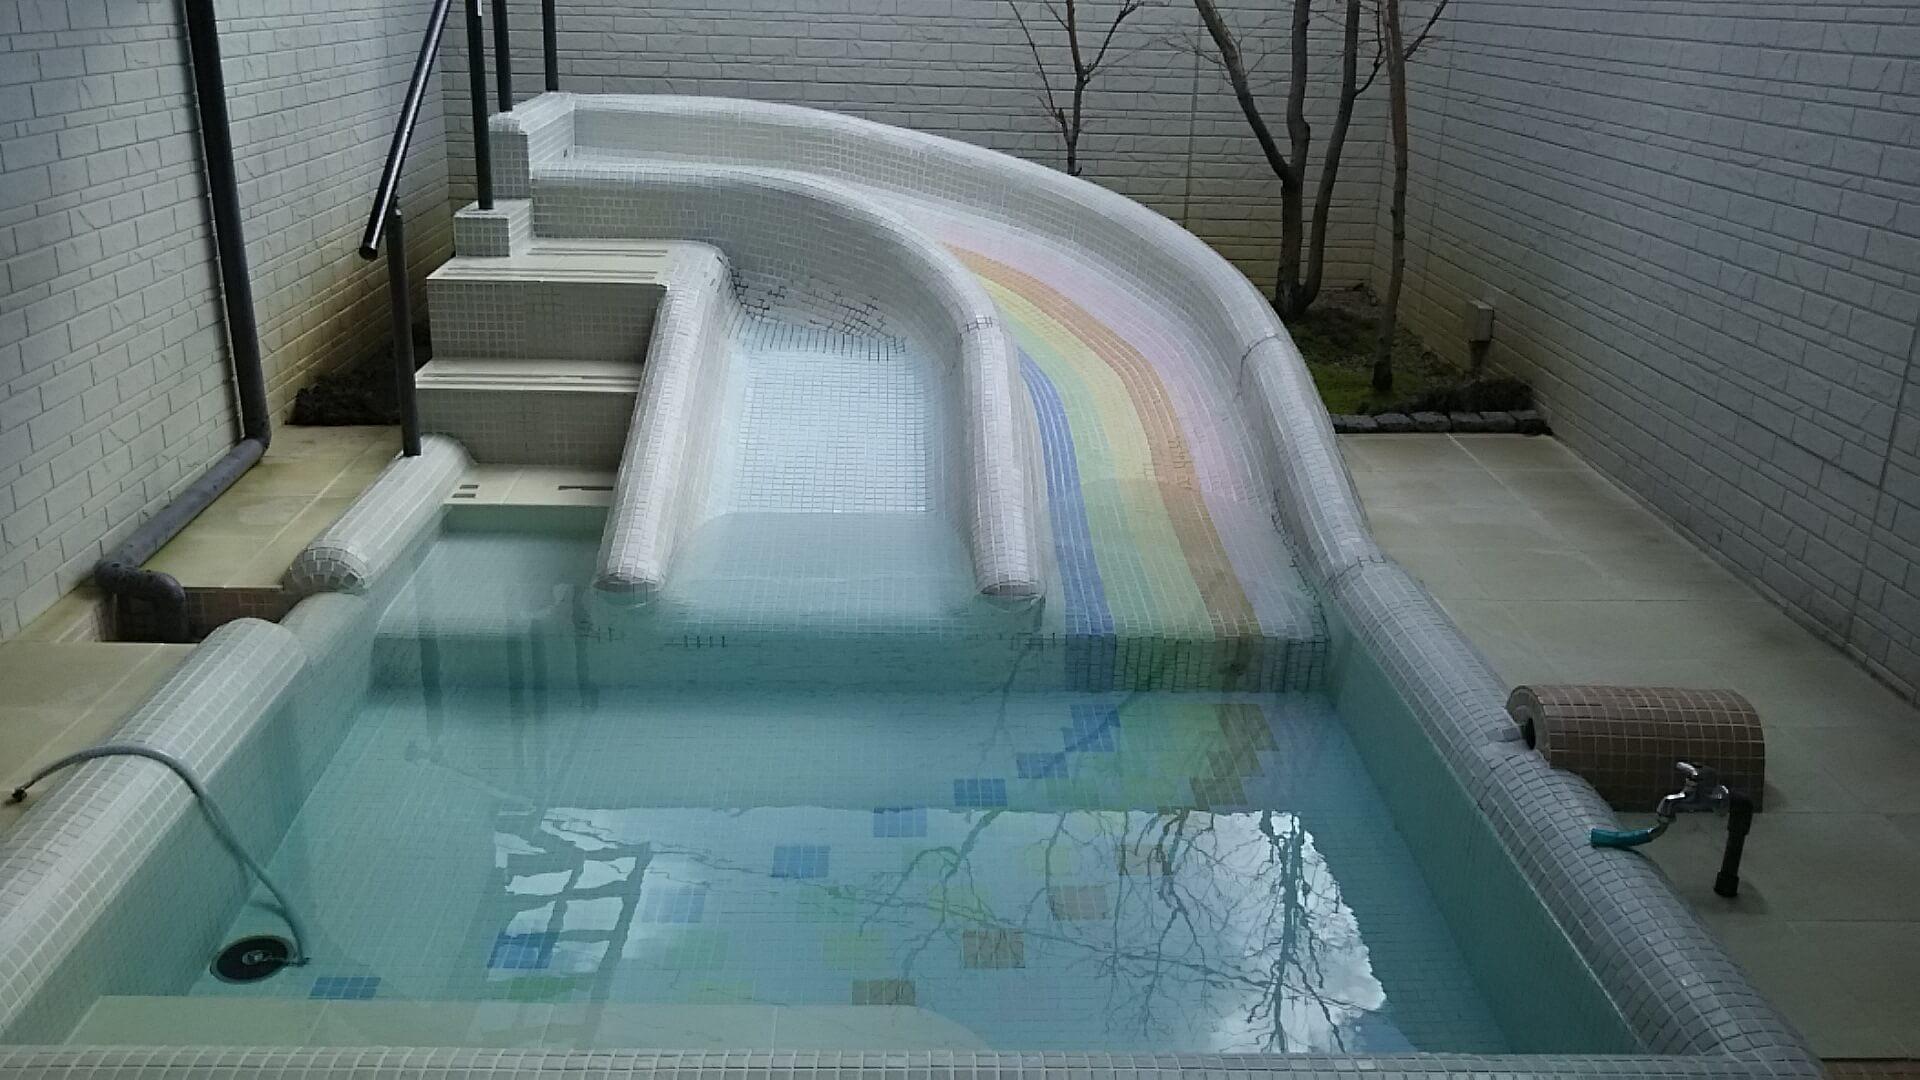 熊本の滑り台つき温泉といえば山鹿の家族風呂『露天湯 椛』体験レビュー